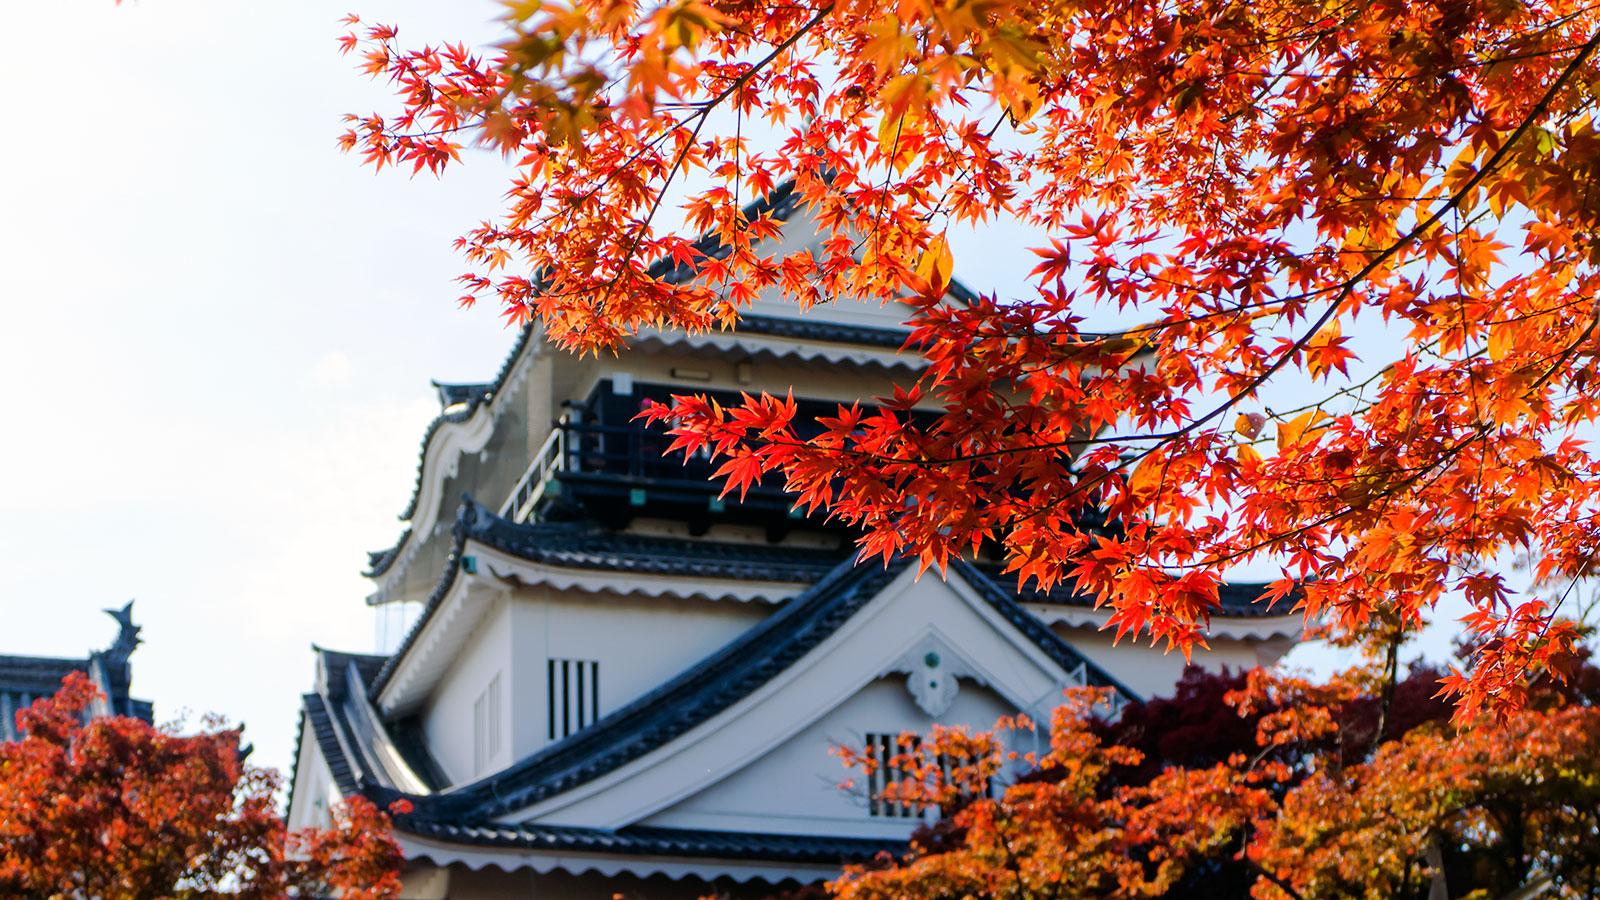 城さが際立つ天守閣をバックに赤く色づいたもみじ - -愛知県岡崎市- -